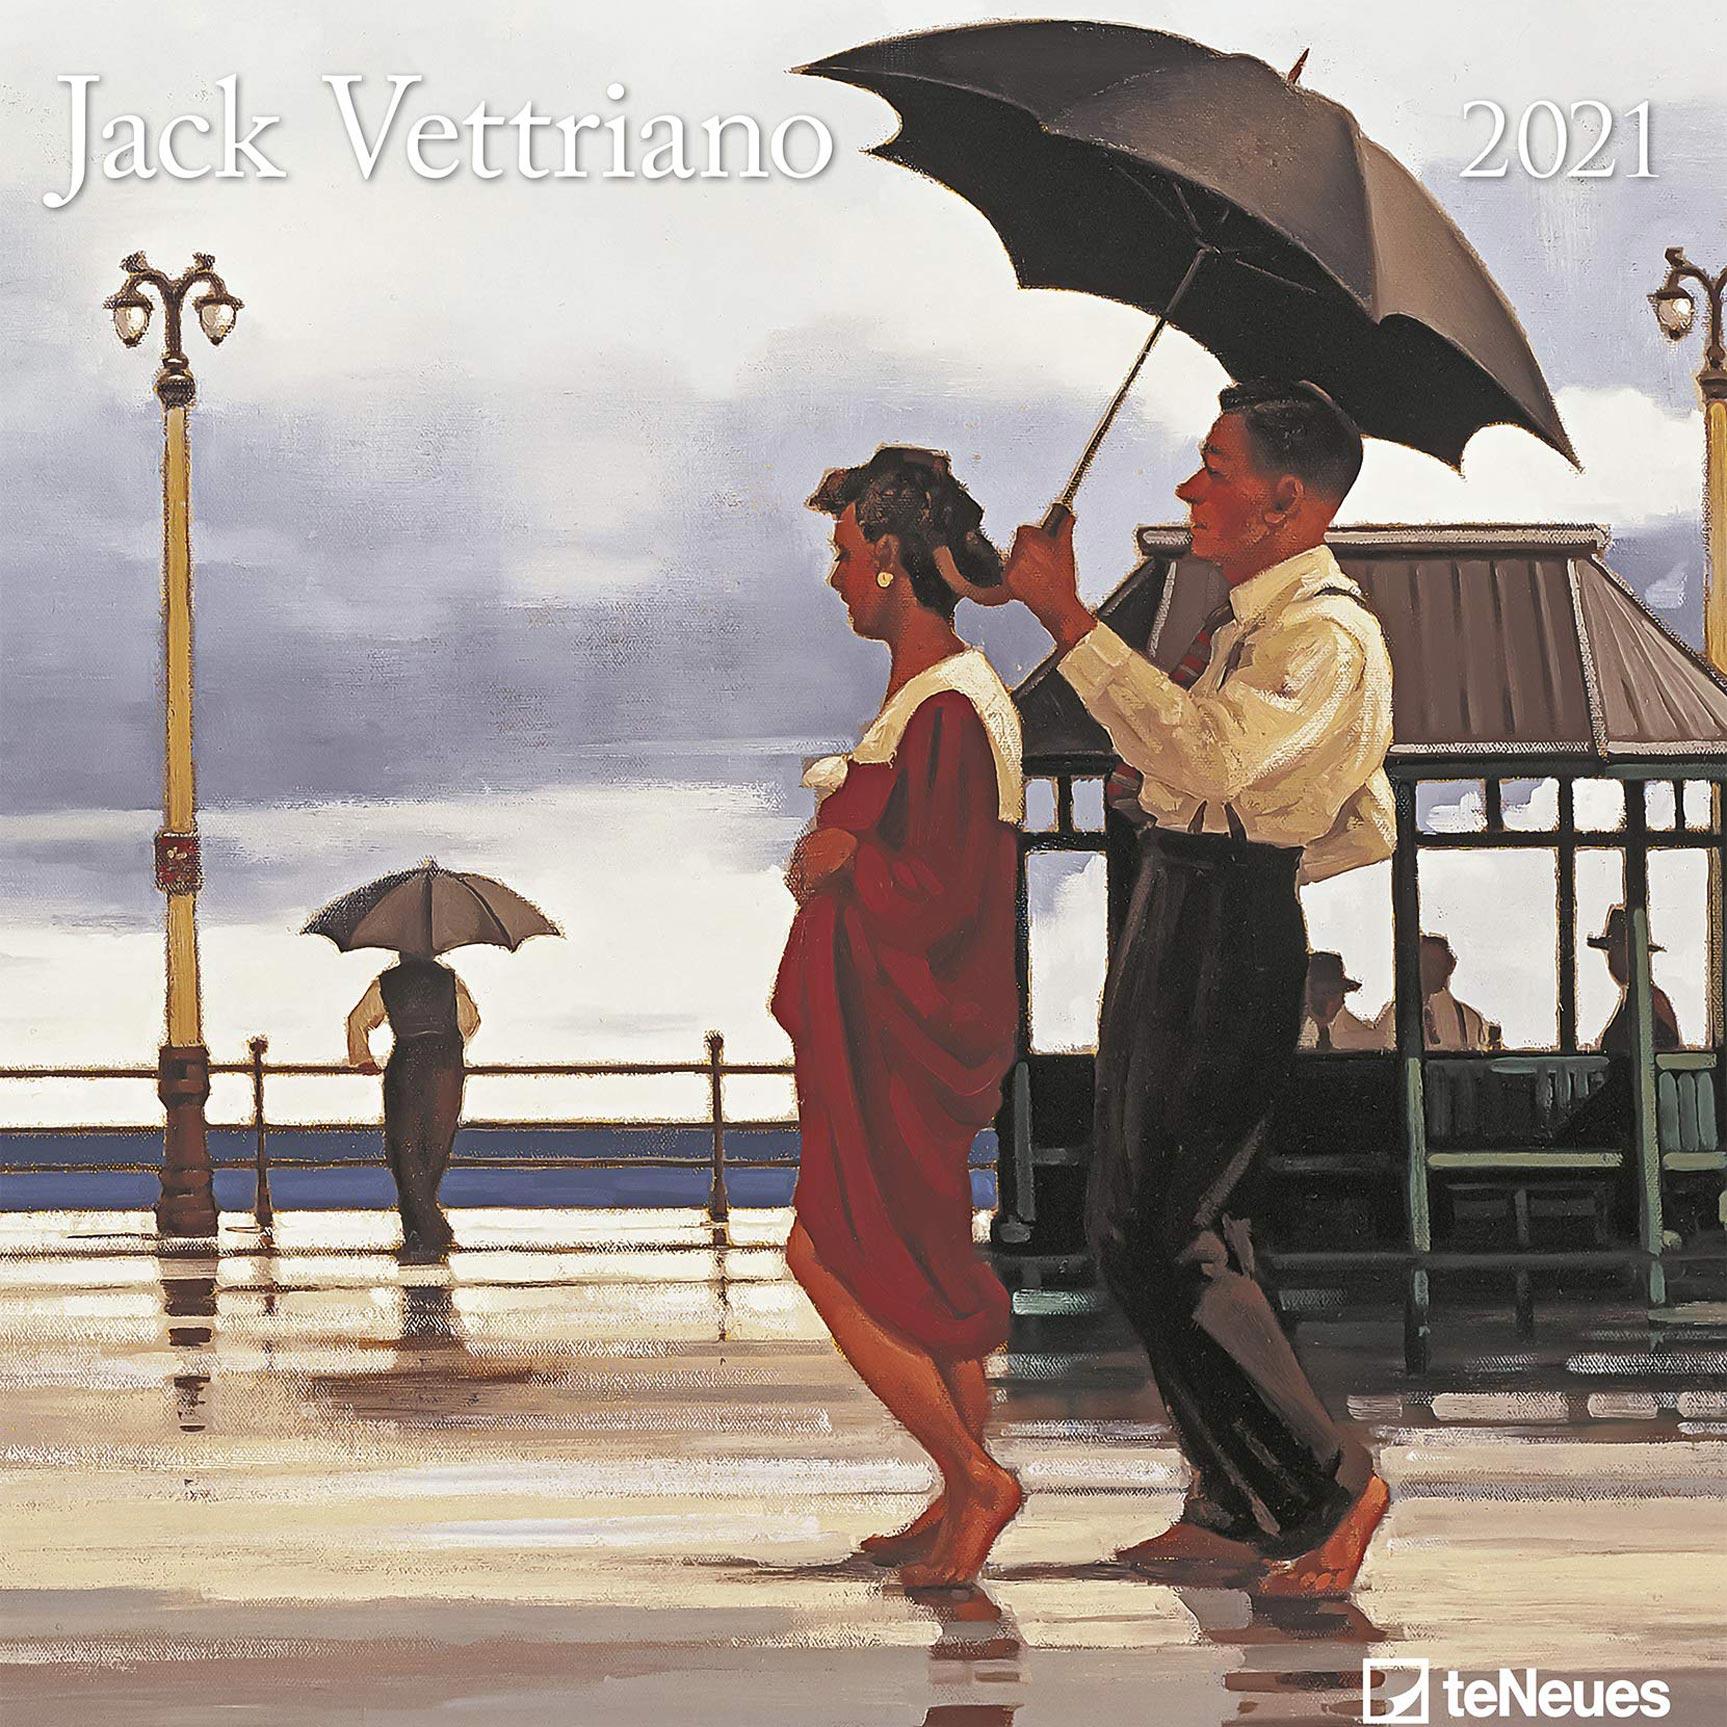 Календарь с работами художника Джека Веттриано на 2021 год / обложка